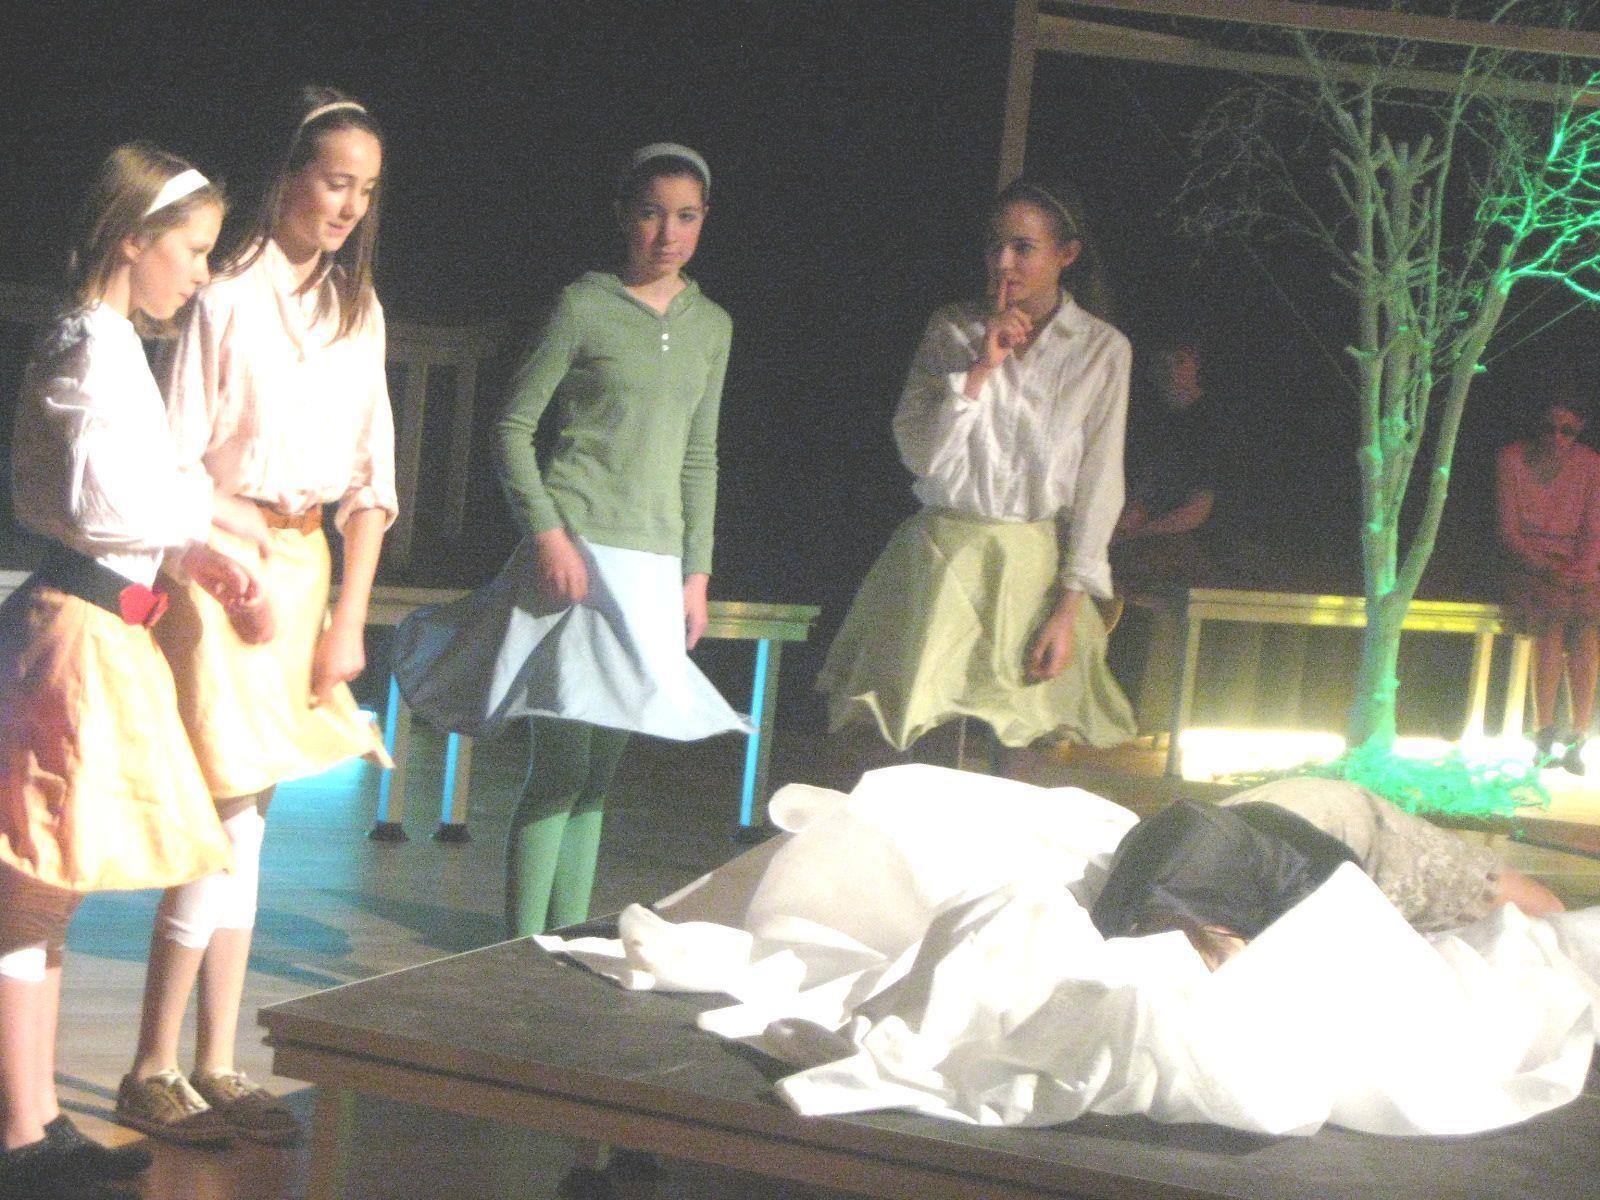 Gekonnt setzten sich die Schüler bei ihren Aufführungen in Szene.